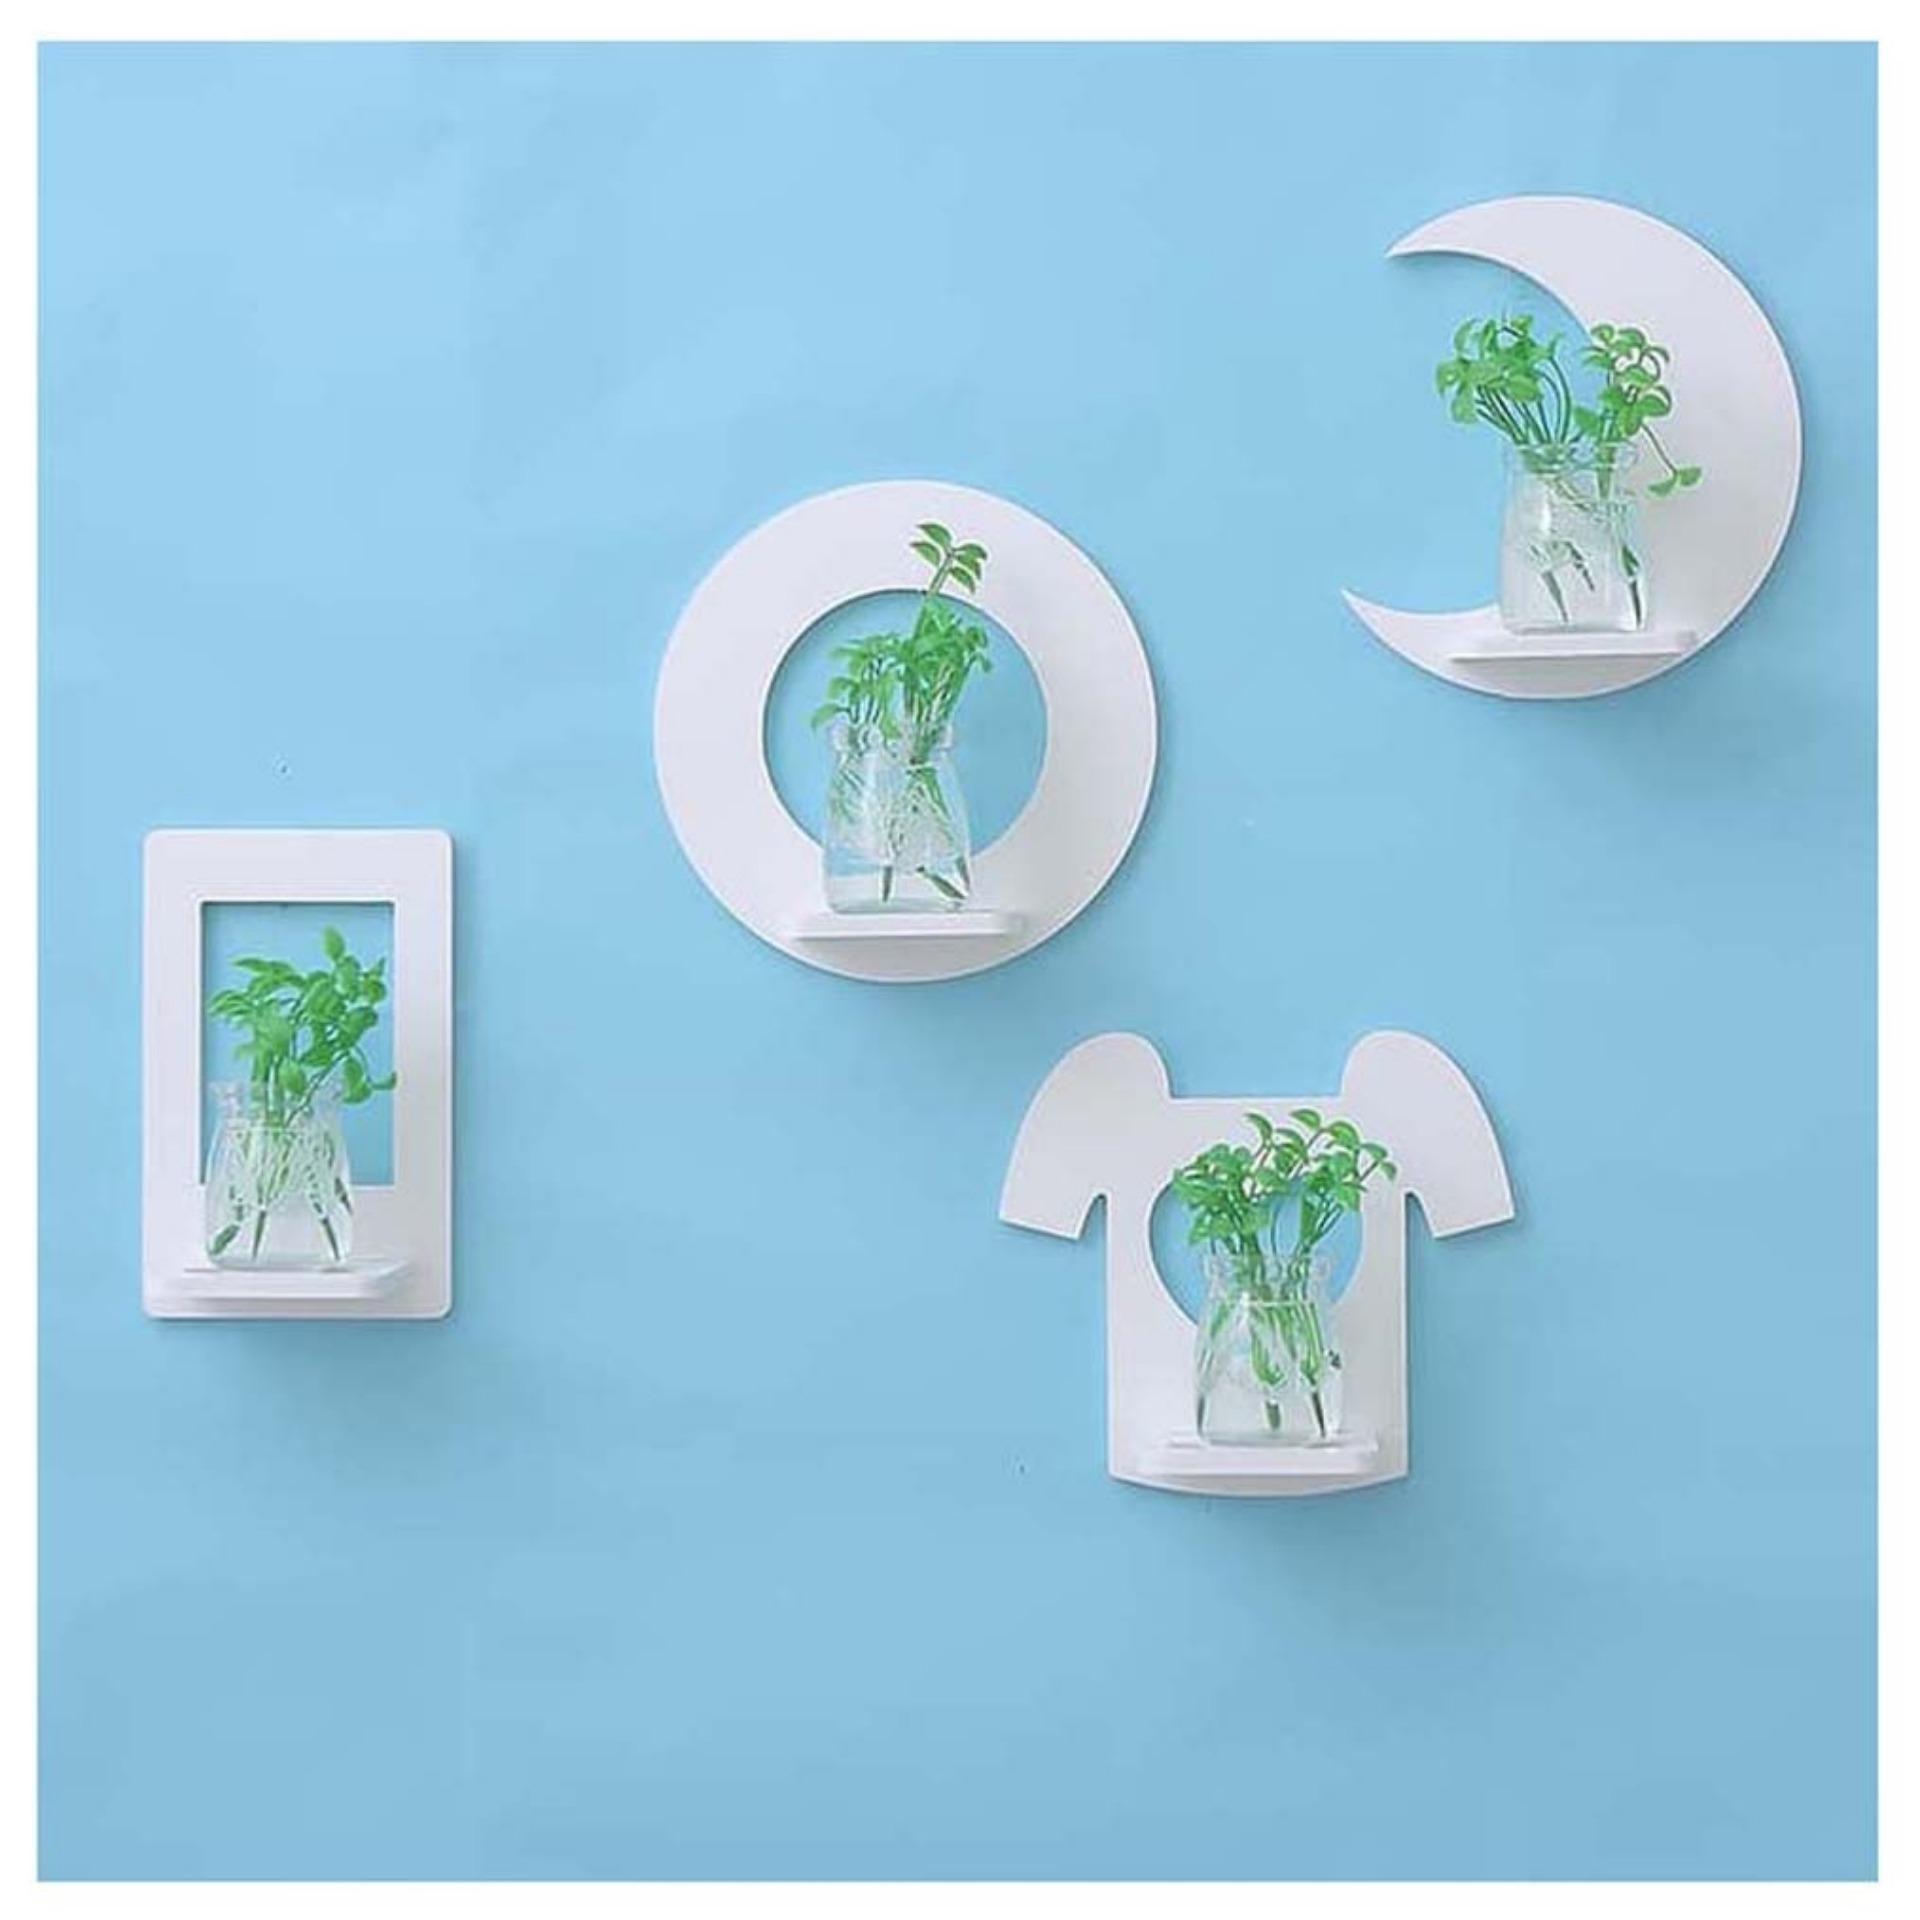 Harga 1 Set Isi 2 Pcs Clothes Rak Hias Hiasan Dinding Spt Ikea Kayu Kecil Minimalis